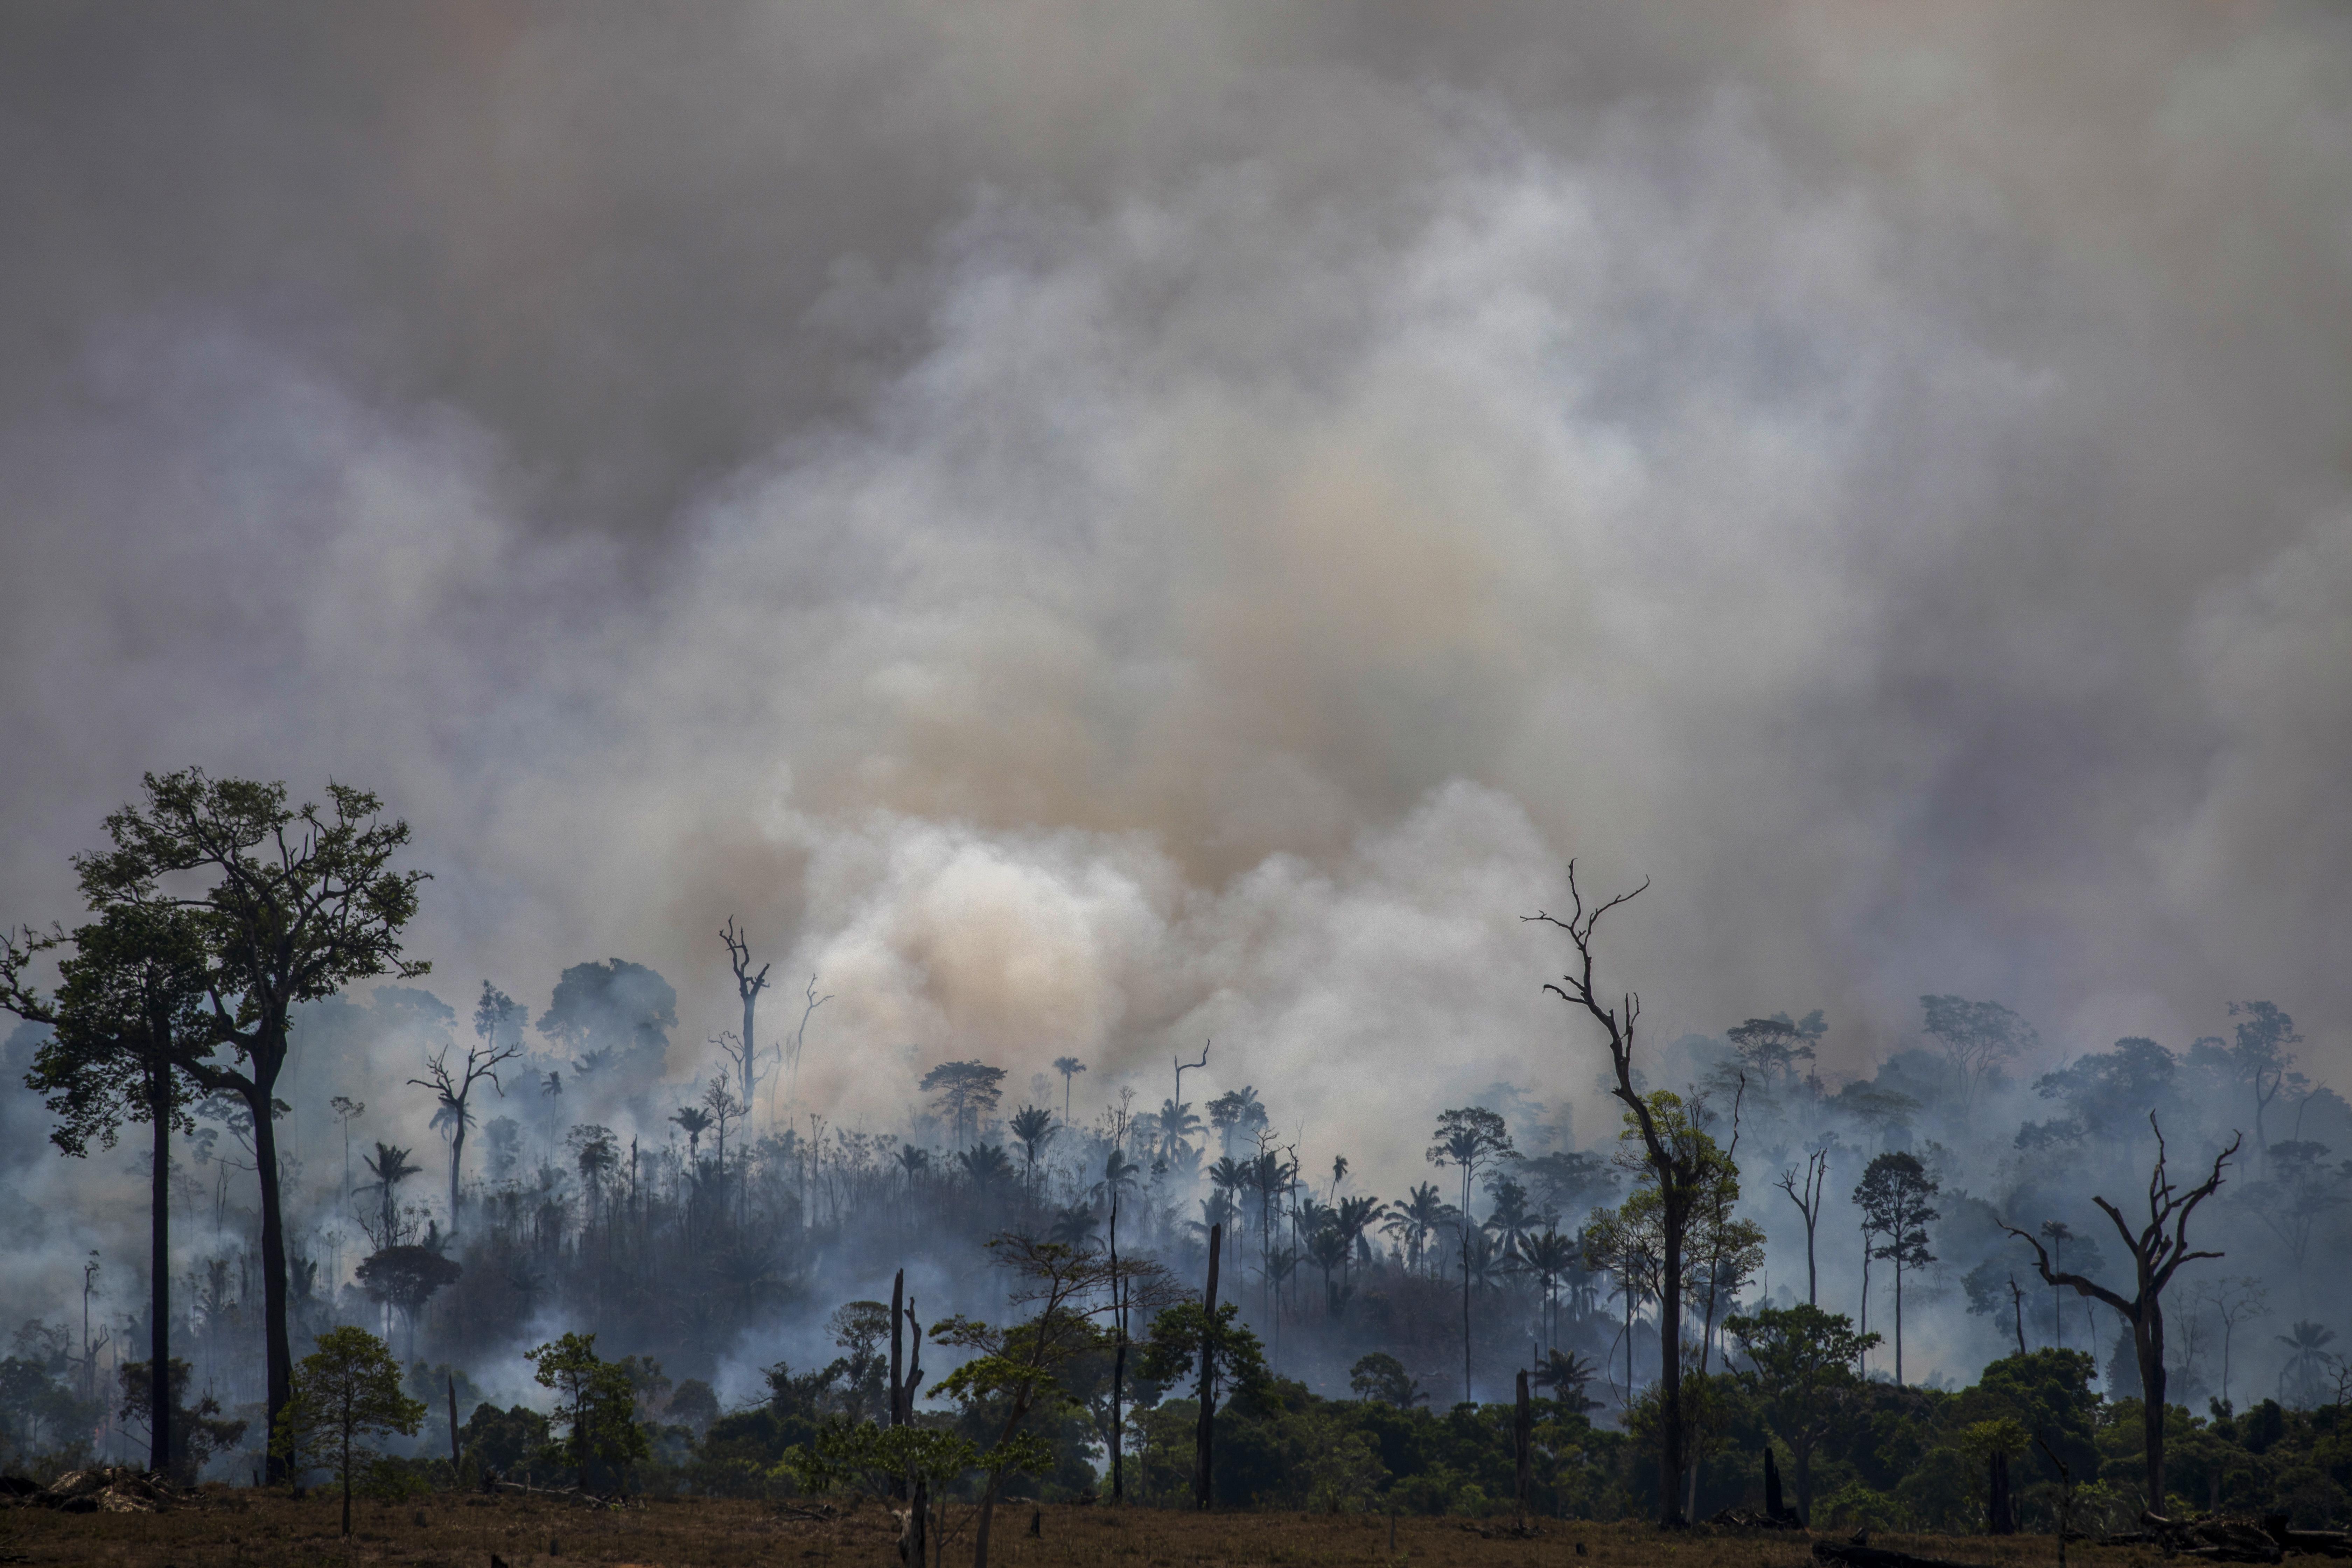 Épp hogy elkezdődött a száraz évszak, máris rég nem látott mennyiségű tűz pusztít az Amazonas esőerdeiben